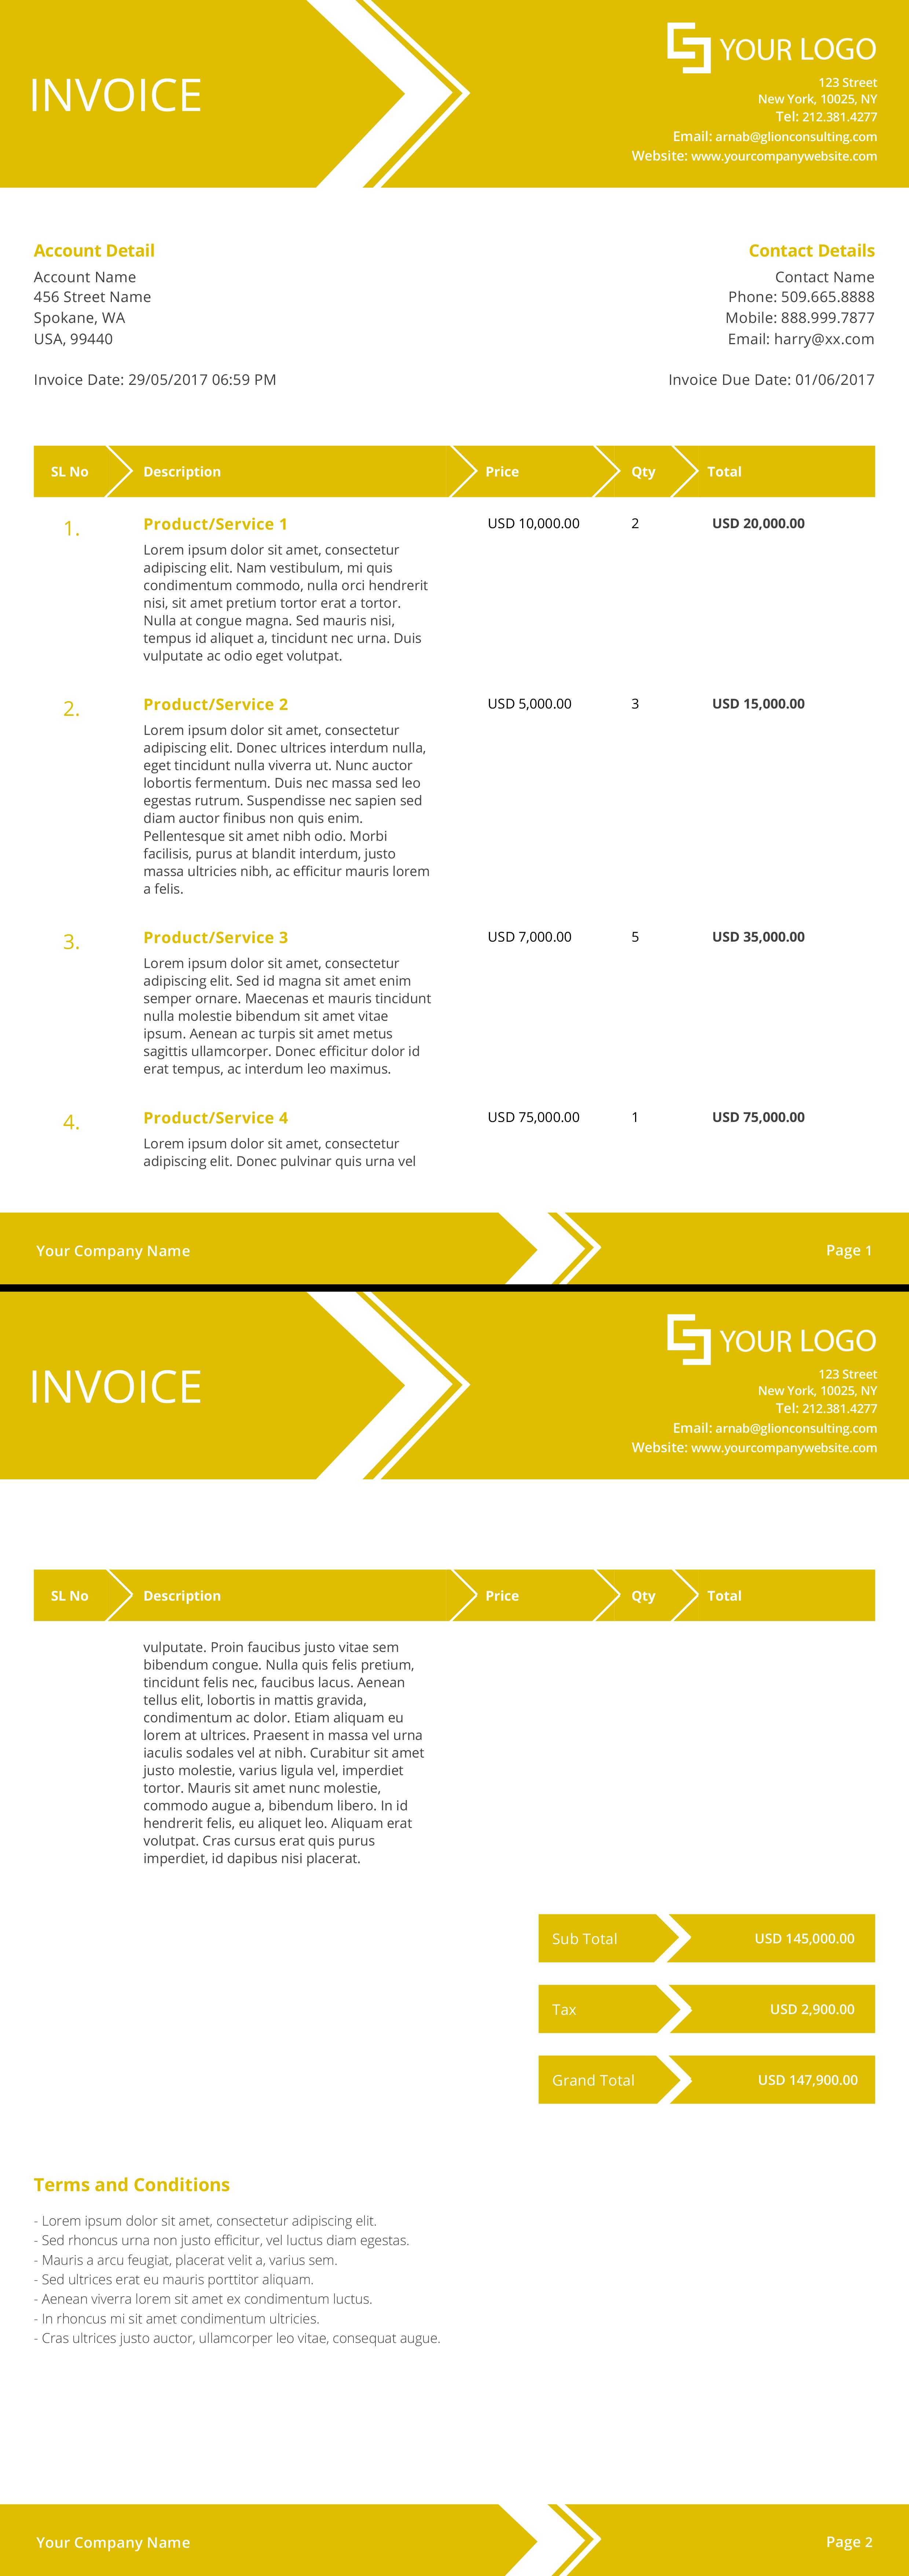 INV-DEER-YELLOW-DFBD00-6.png